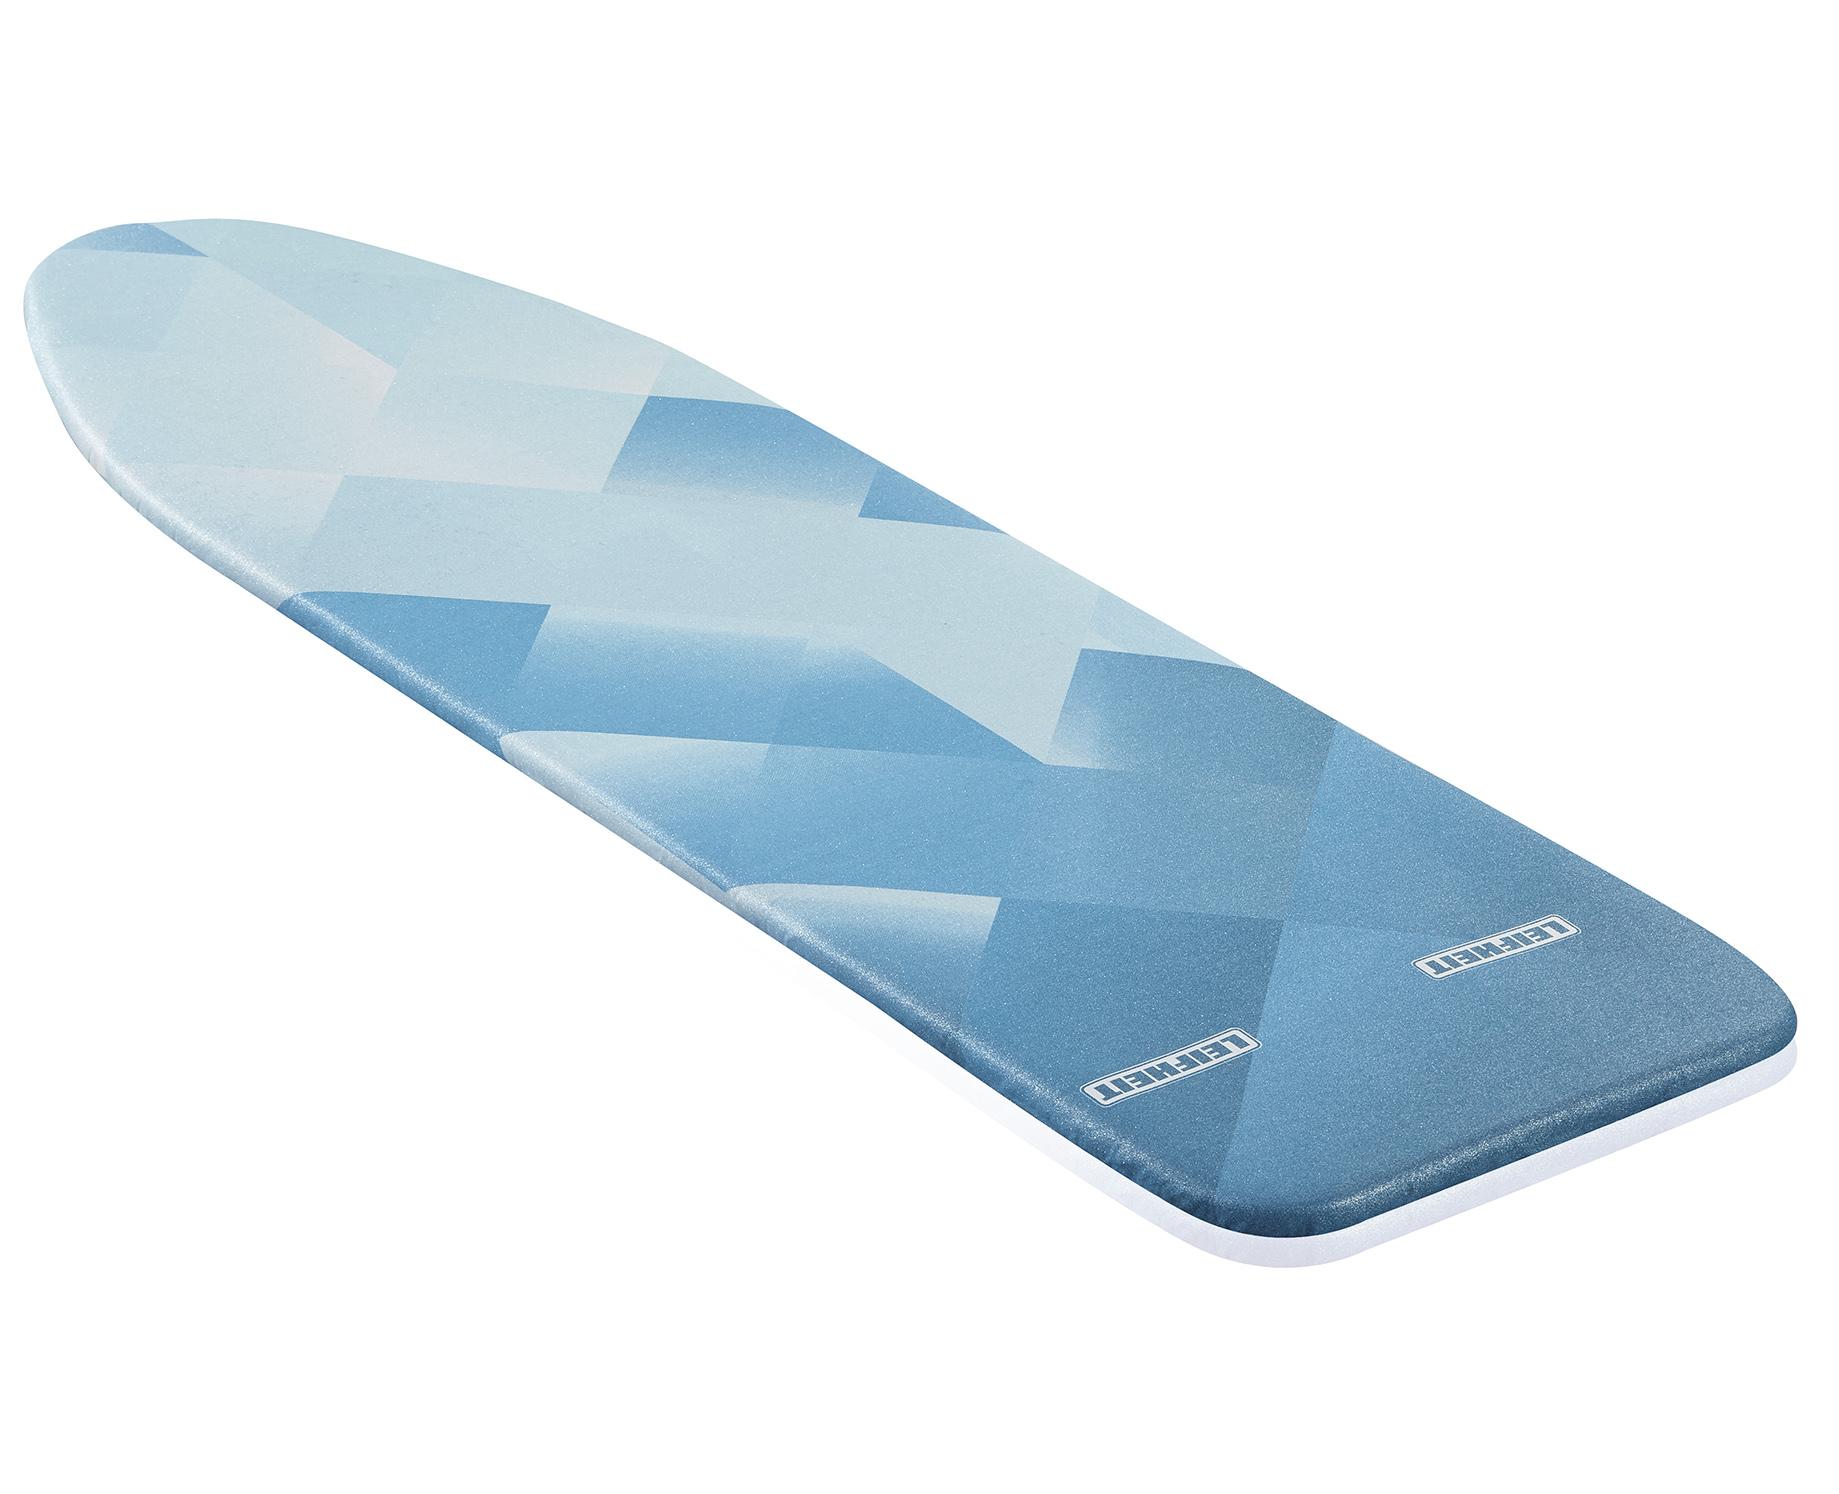 LEIFHEIT Heat Reflect Universal Univerzální potah na žehlicí prkno, 140 x 45 cm LEIFHEIT 71604